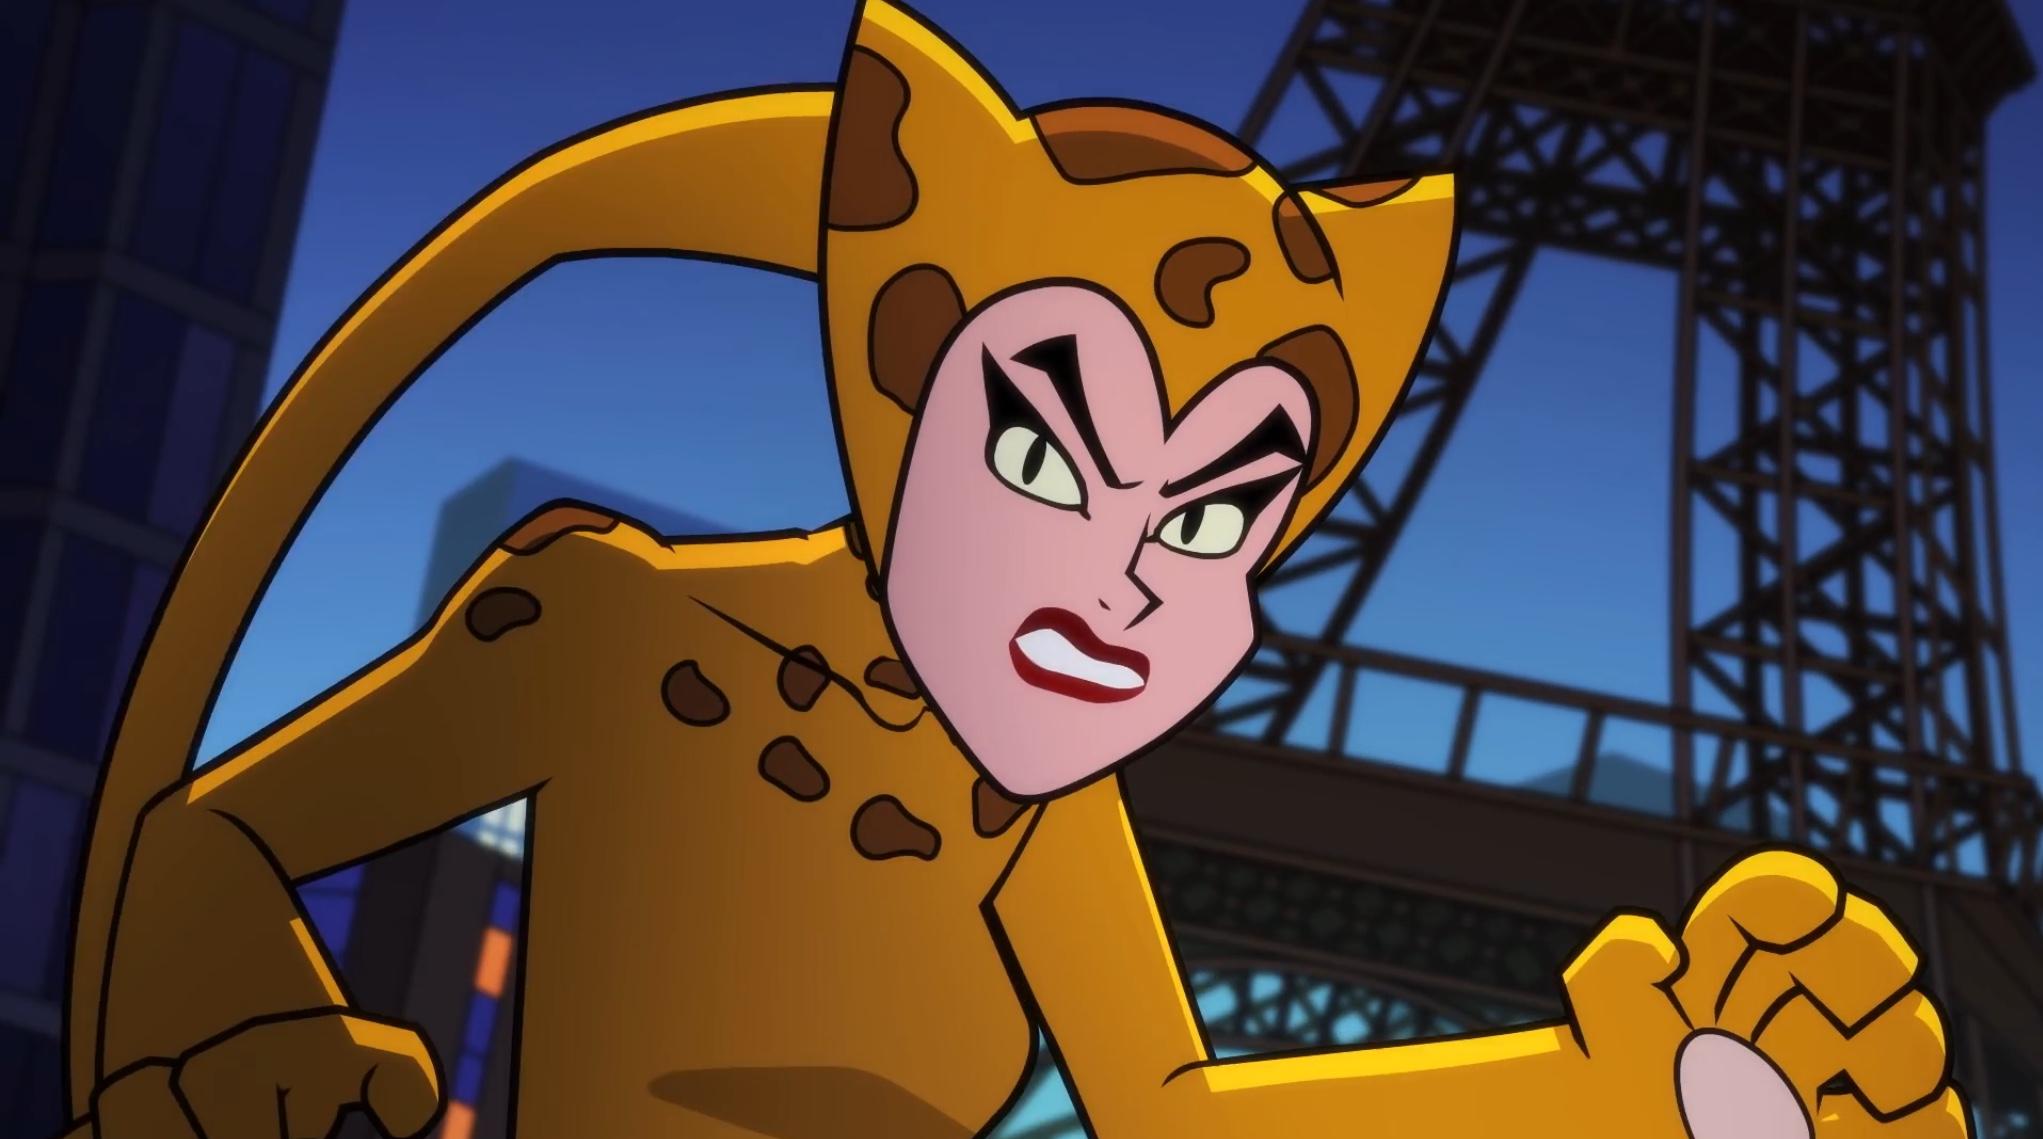 Priscilla Rich (DC Super Friends Web Series)